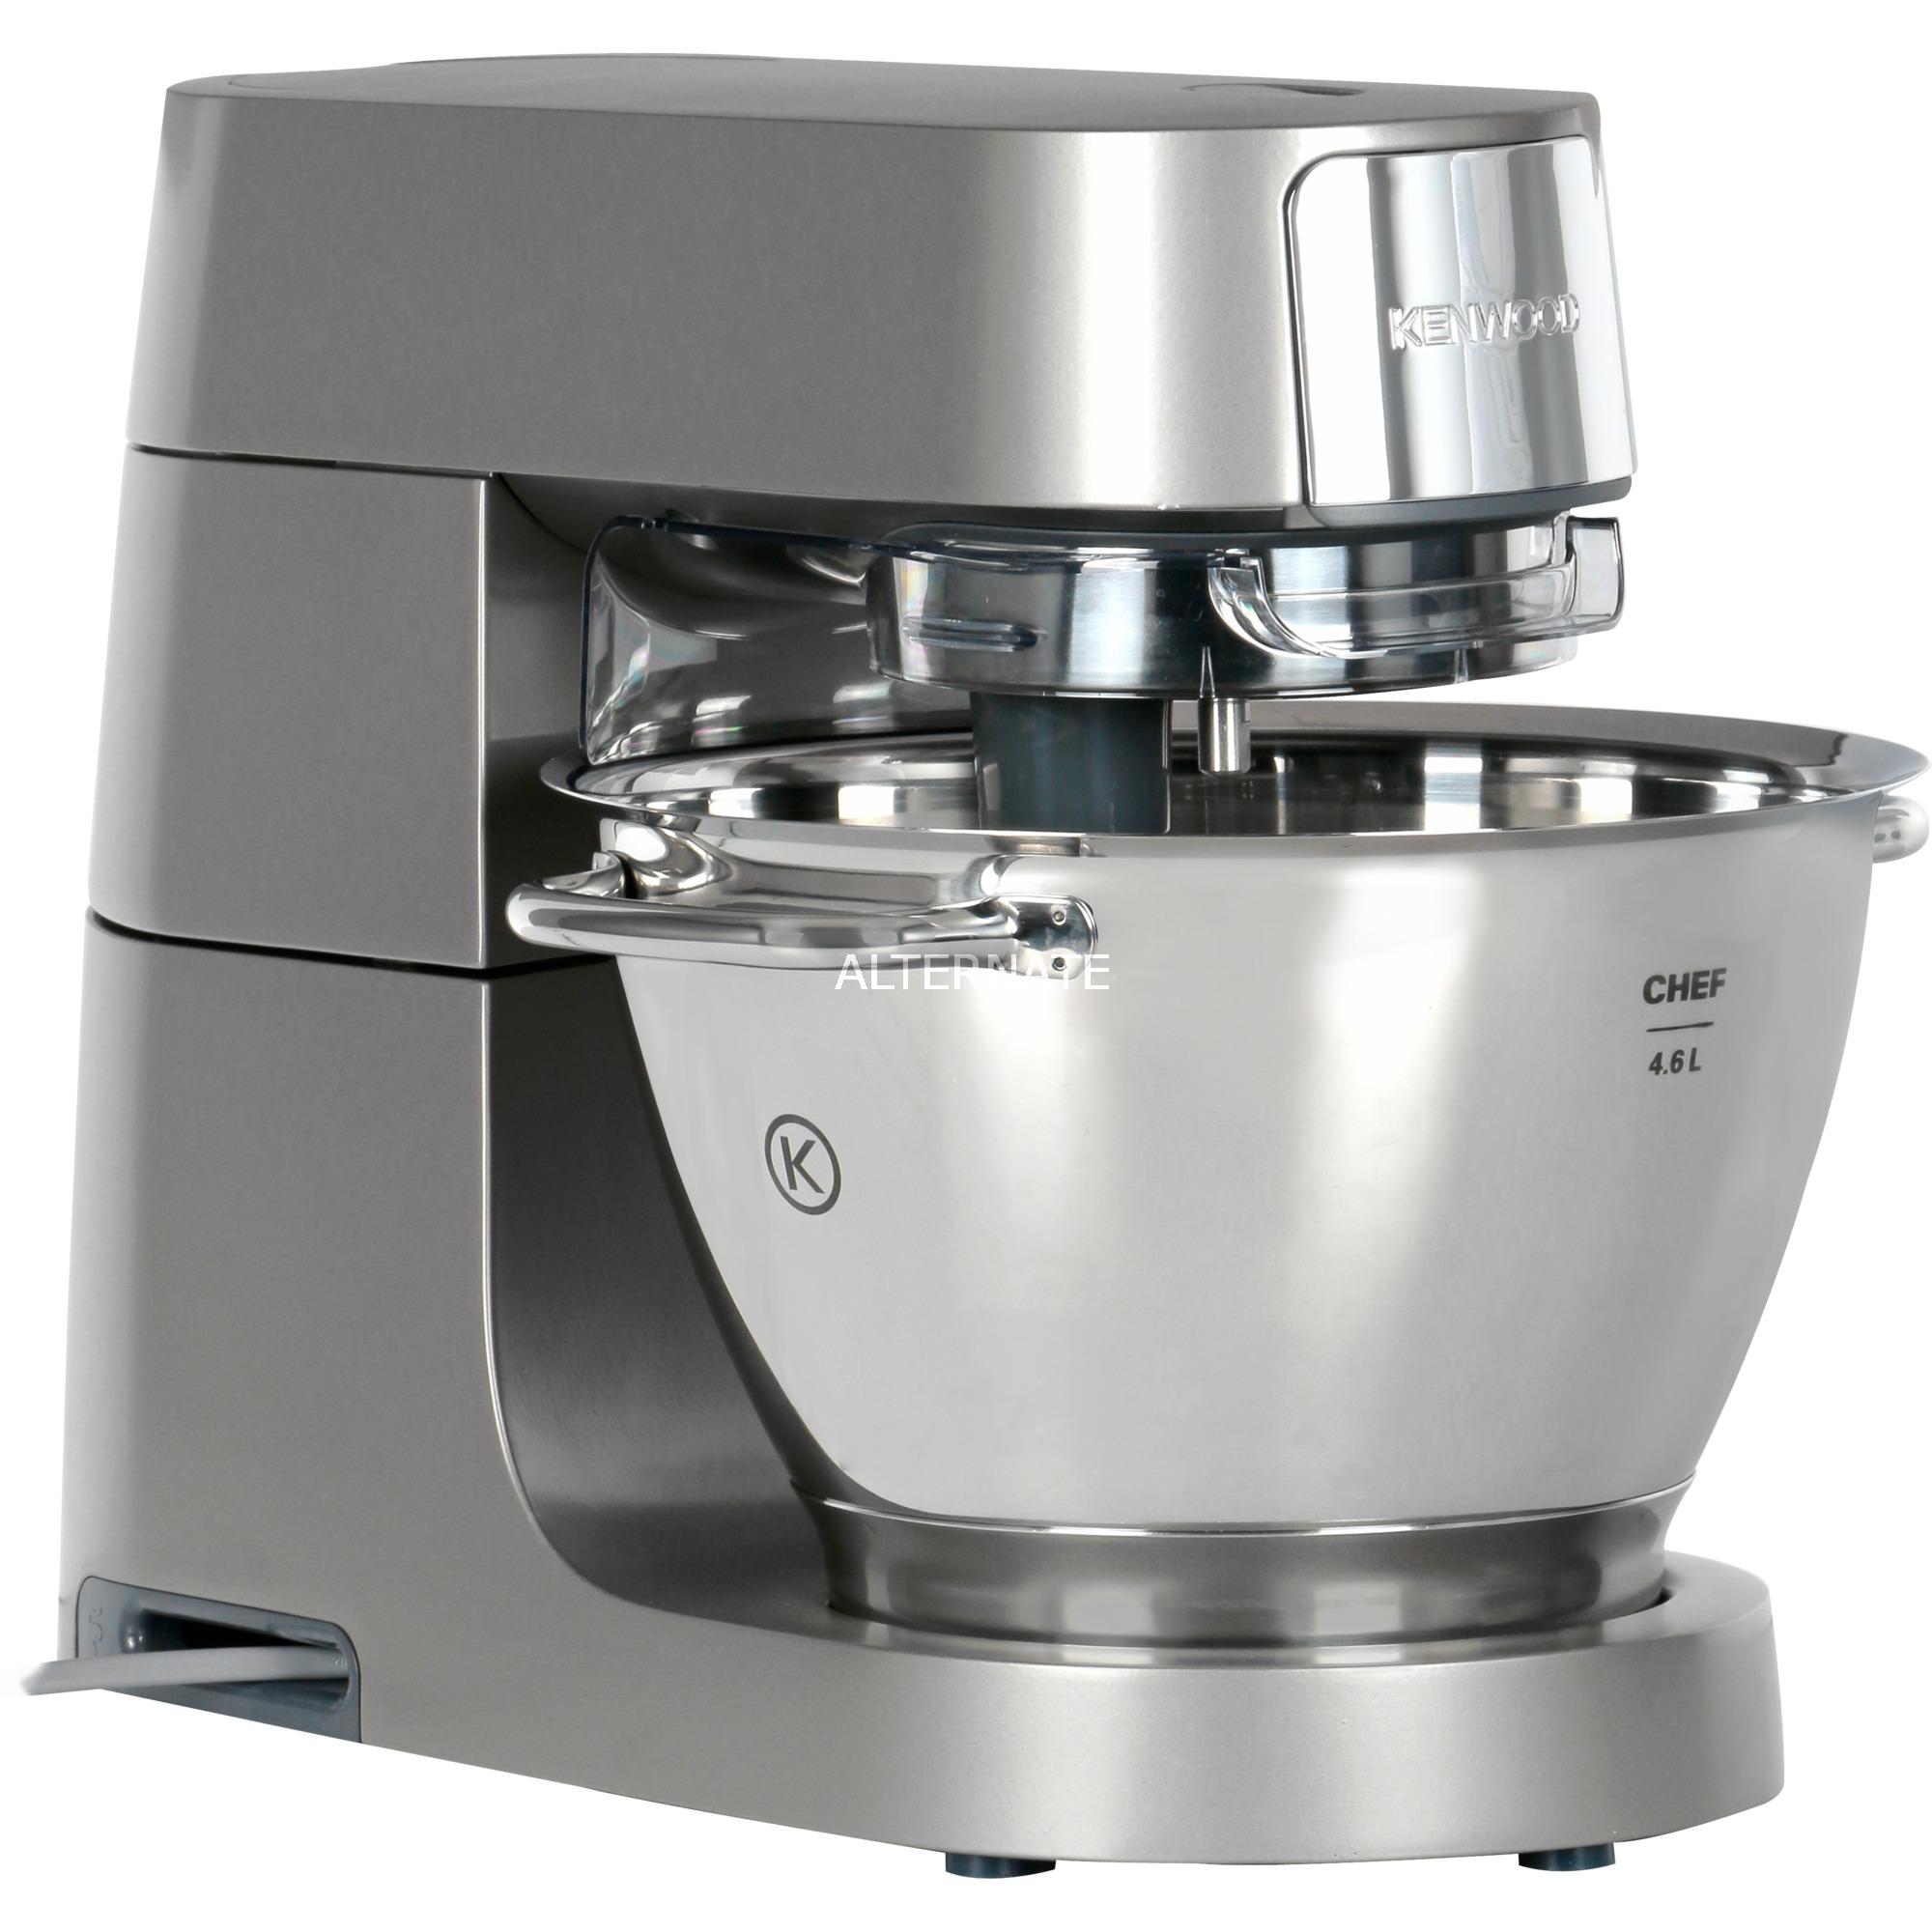 KVC7320S robot da cucina 4,6 L Argento 1500 W (argento, 4,6 L, Argento, 1,6  L, Acciaio inossidabile, 1500 W, 380 mm)